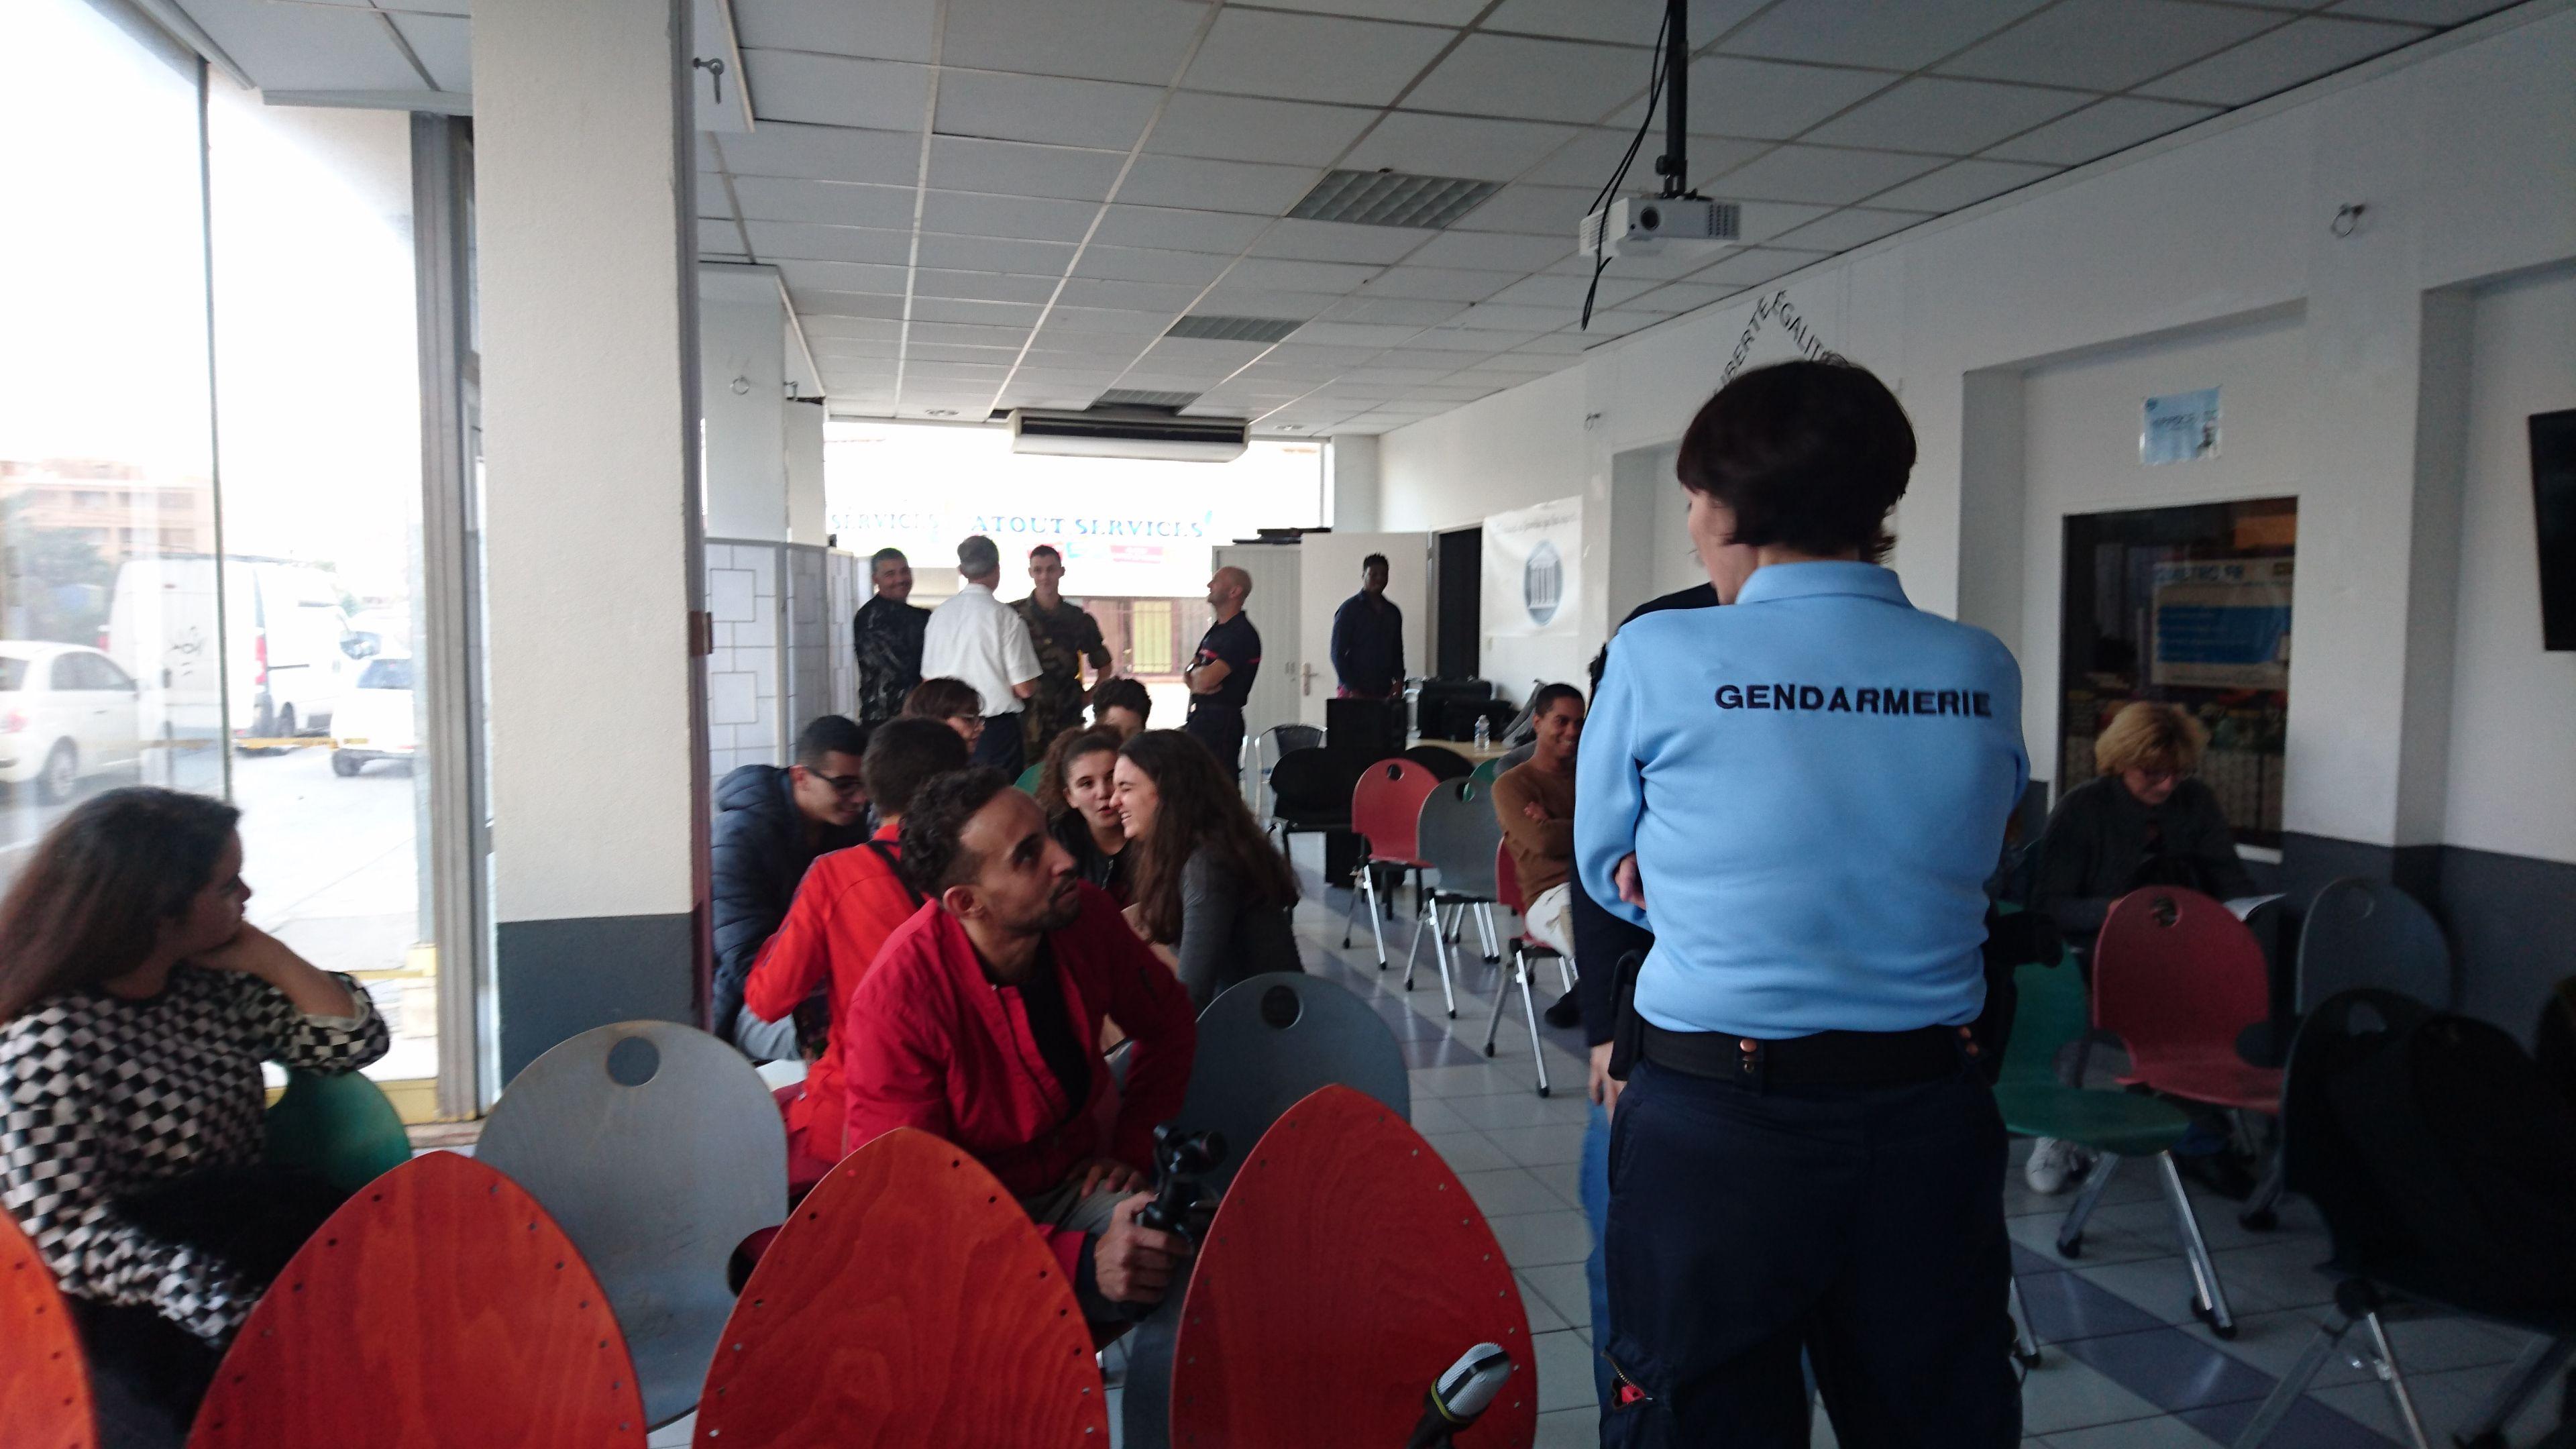 Présentation des métiers de la défense : La gendarmerie